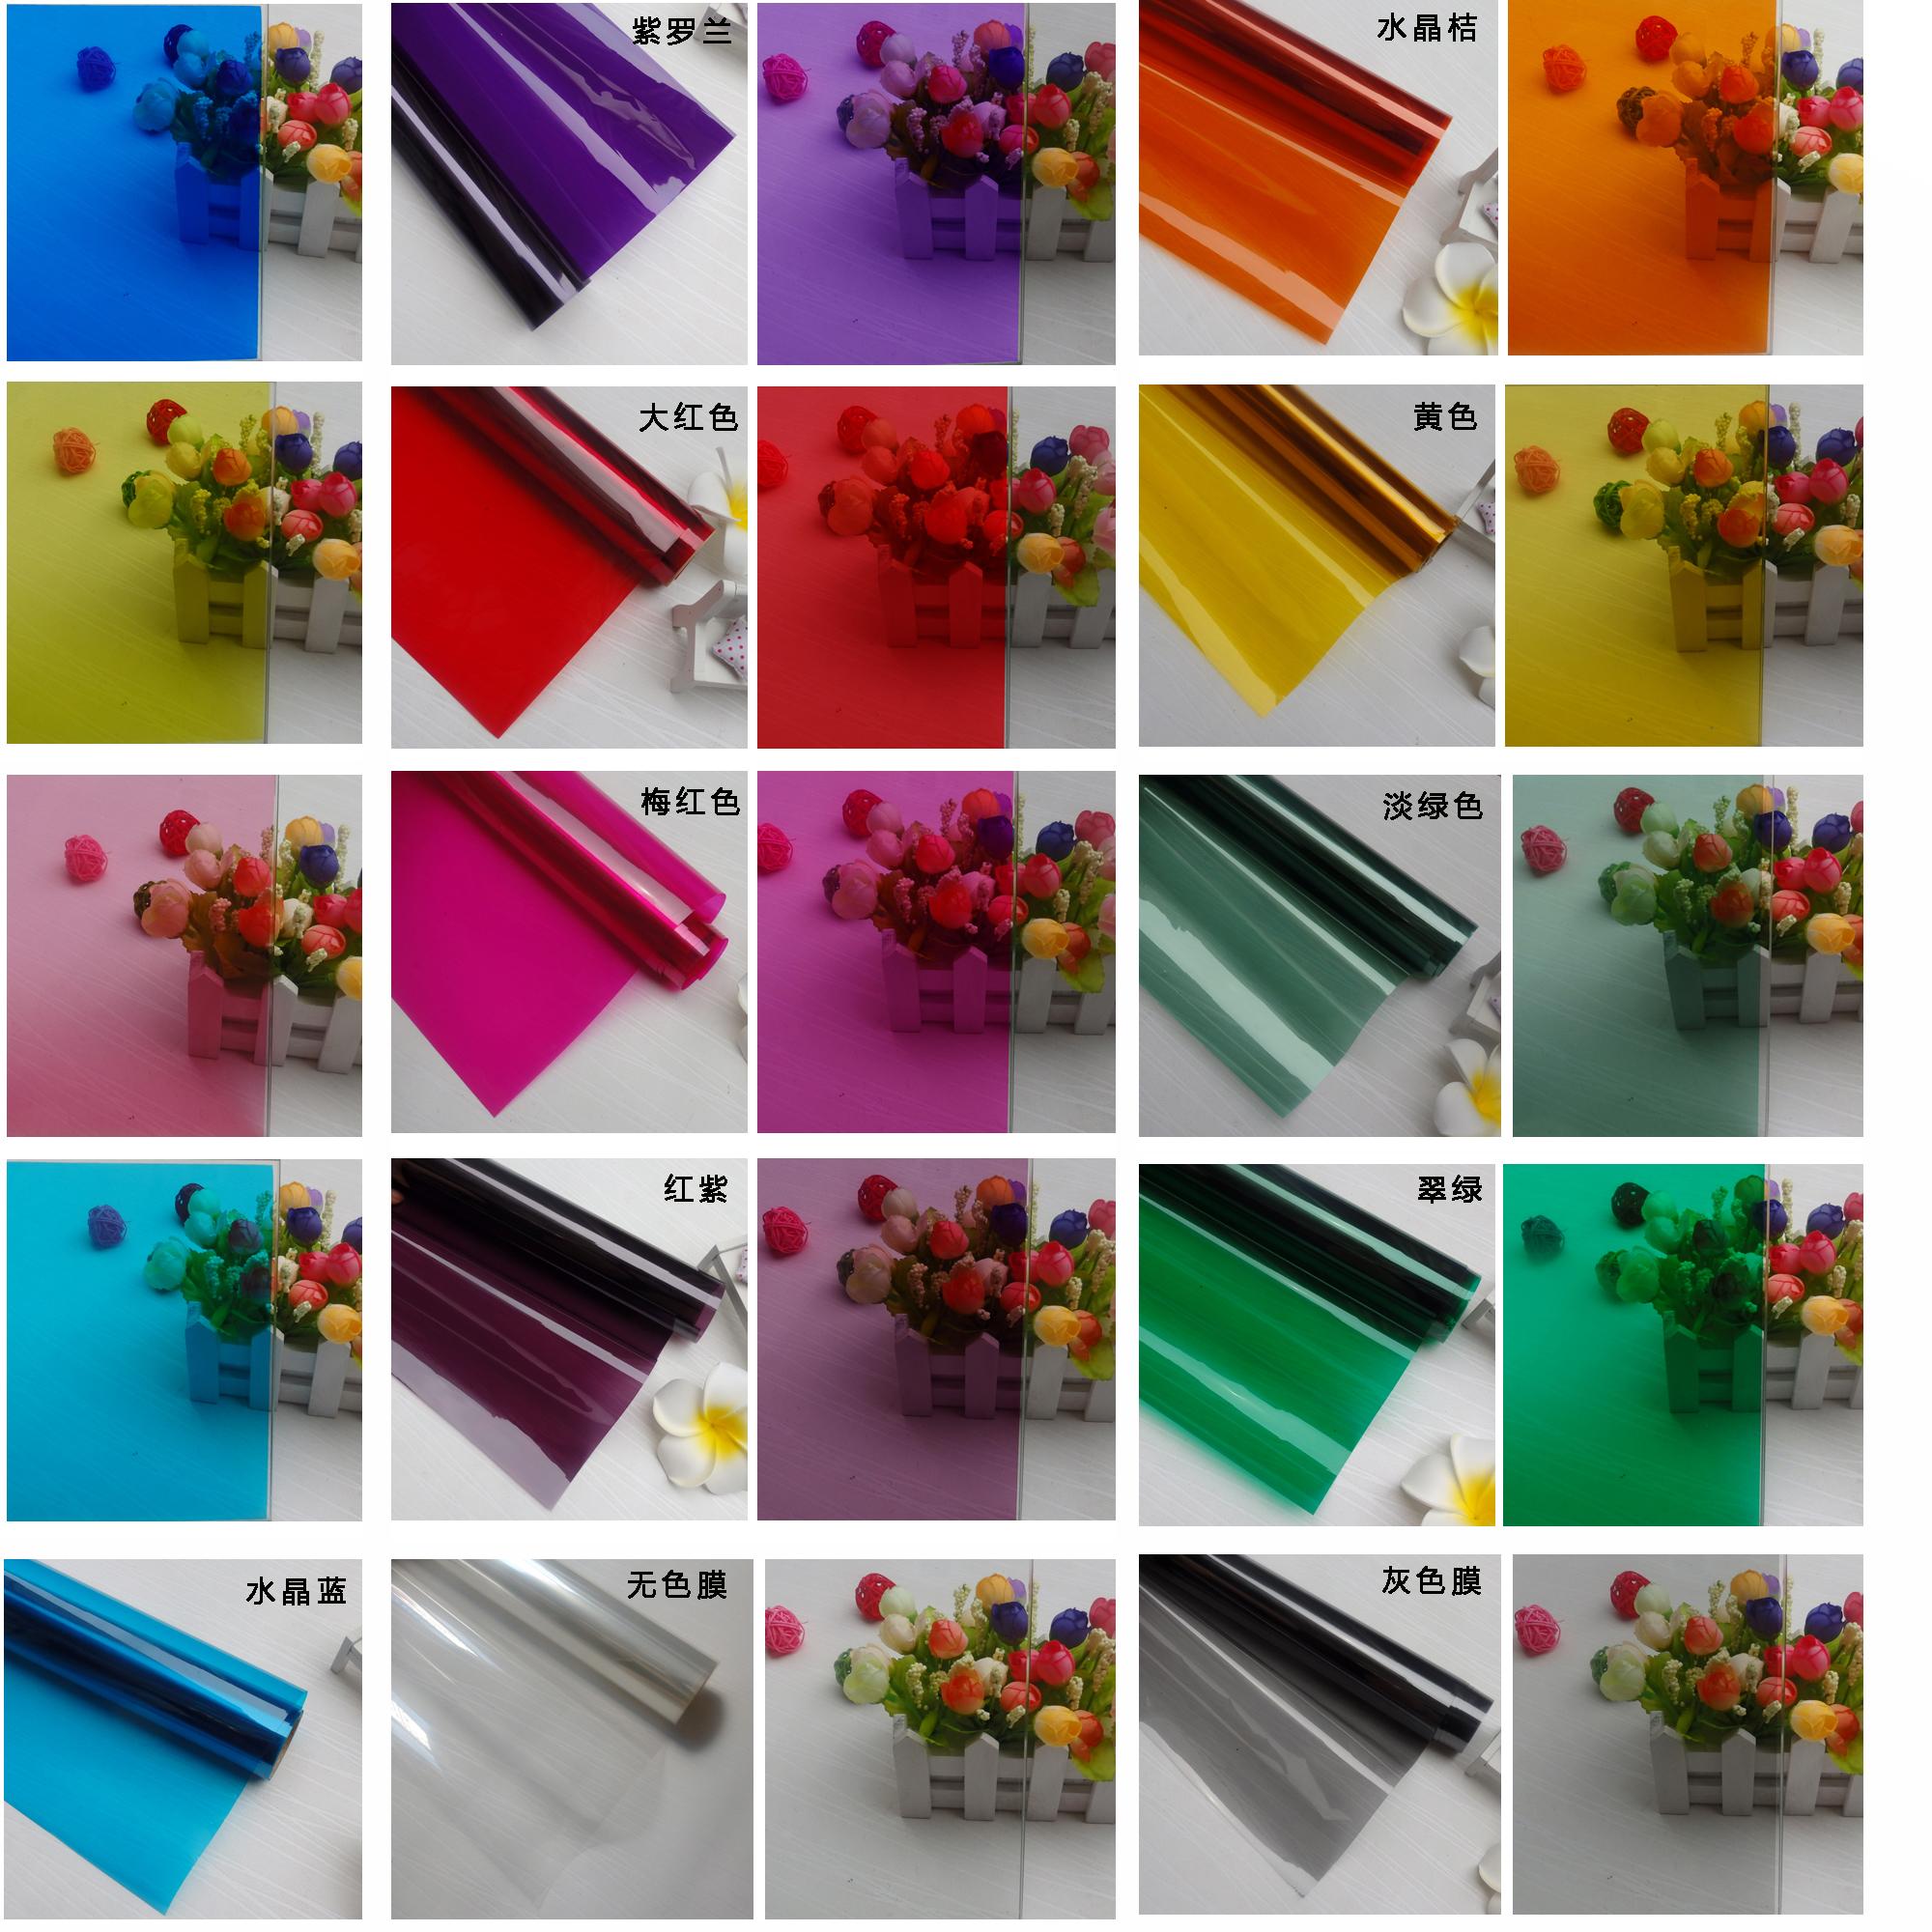 彩色玻璃贴膜家用遮光透明隔热膜阳台窗户办公室室内装饰贴纸包邮